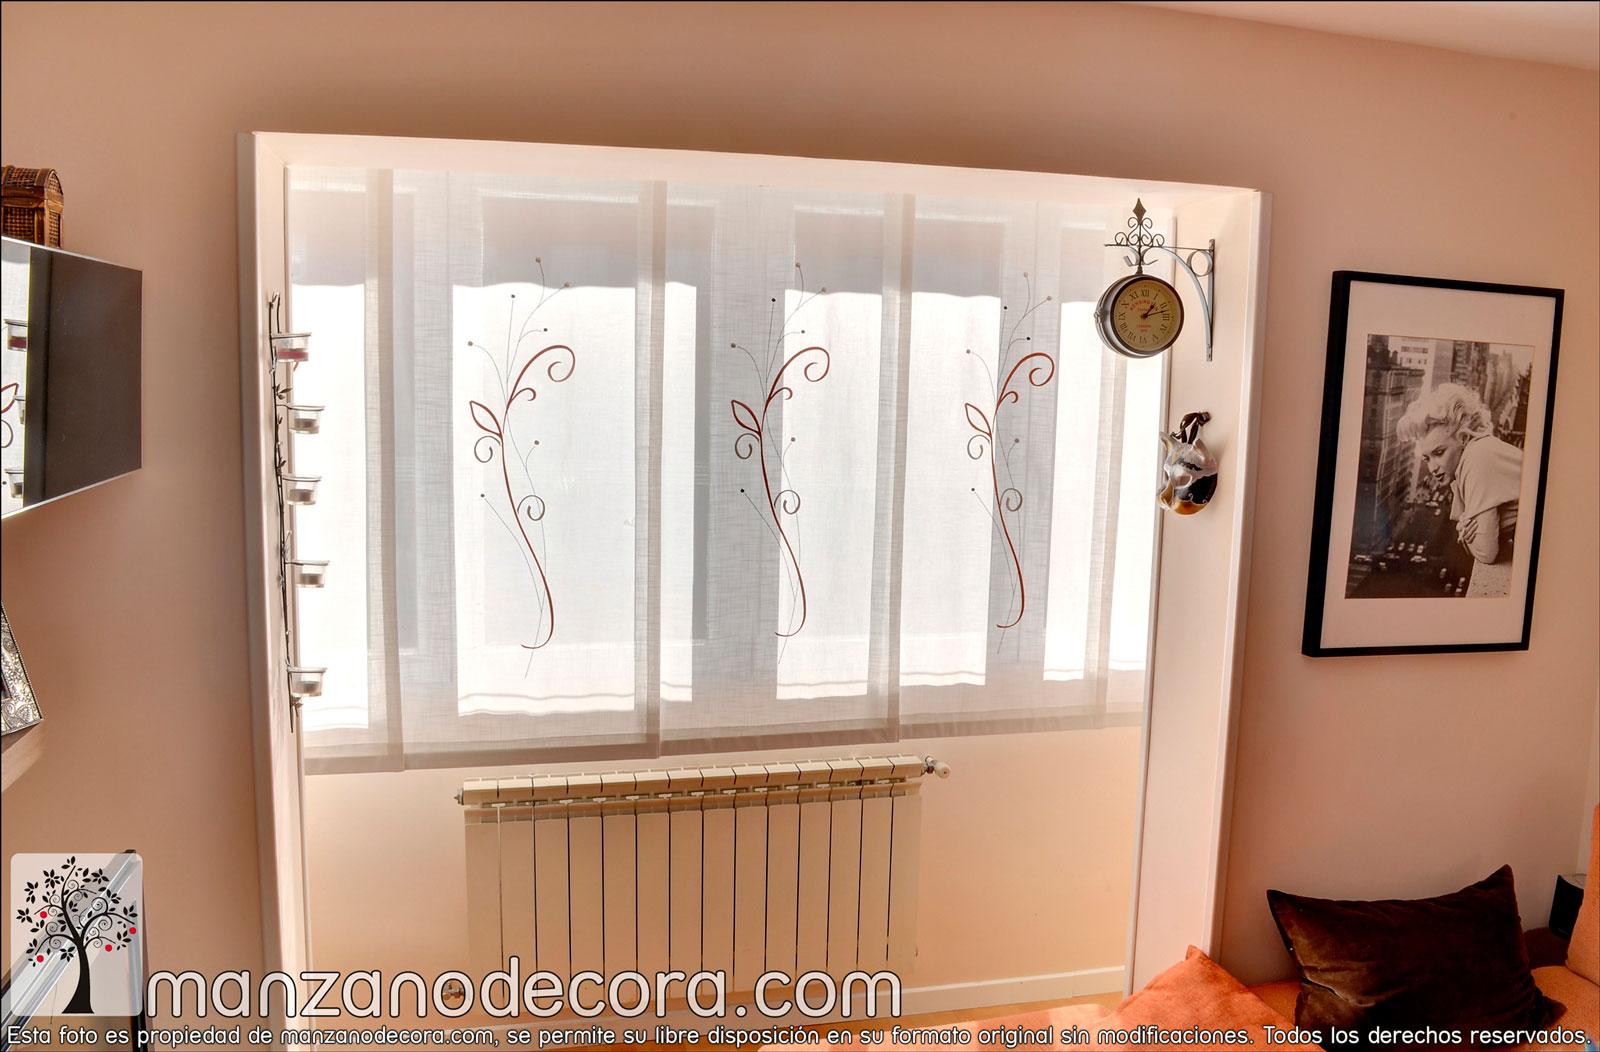 Paneles japoneses cortinas manzanodecora - Cortinas para salon ikea ...